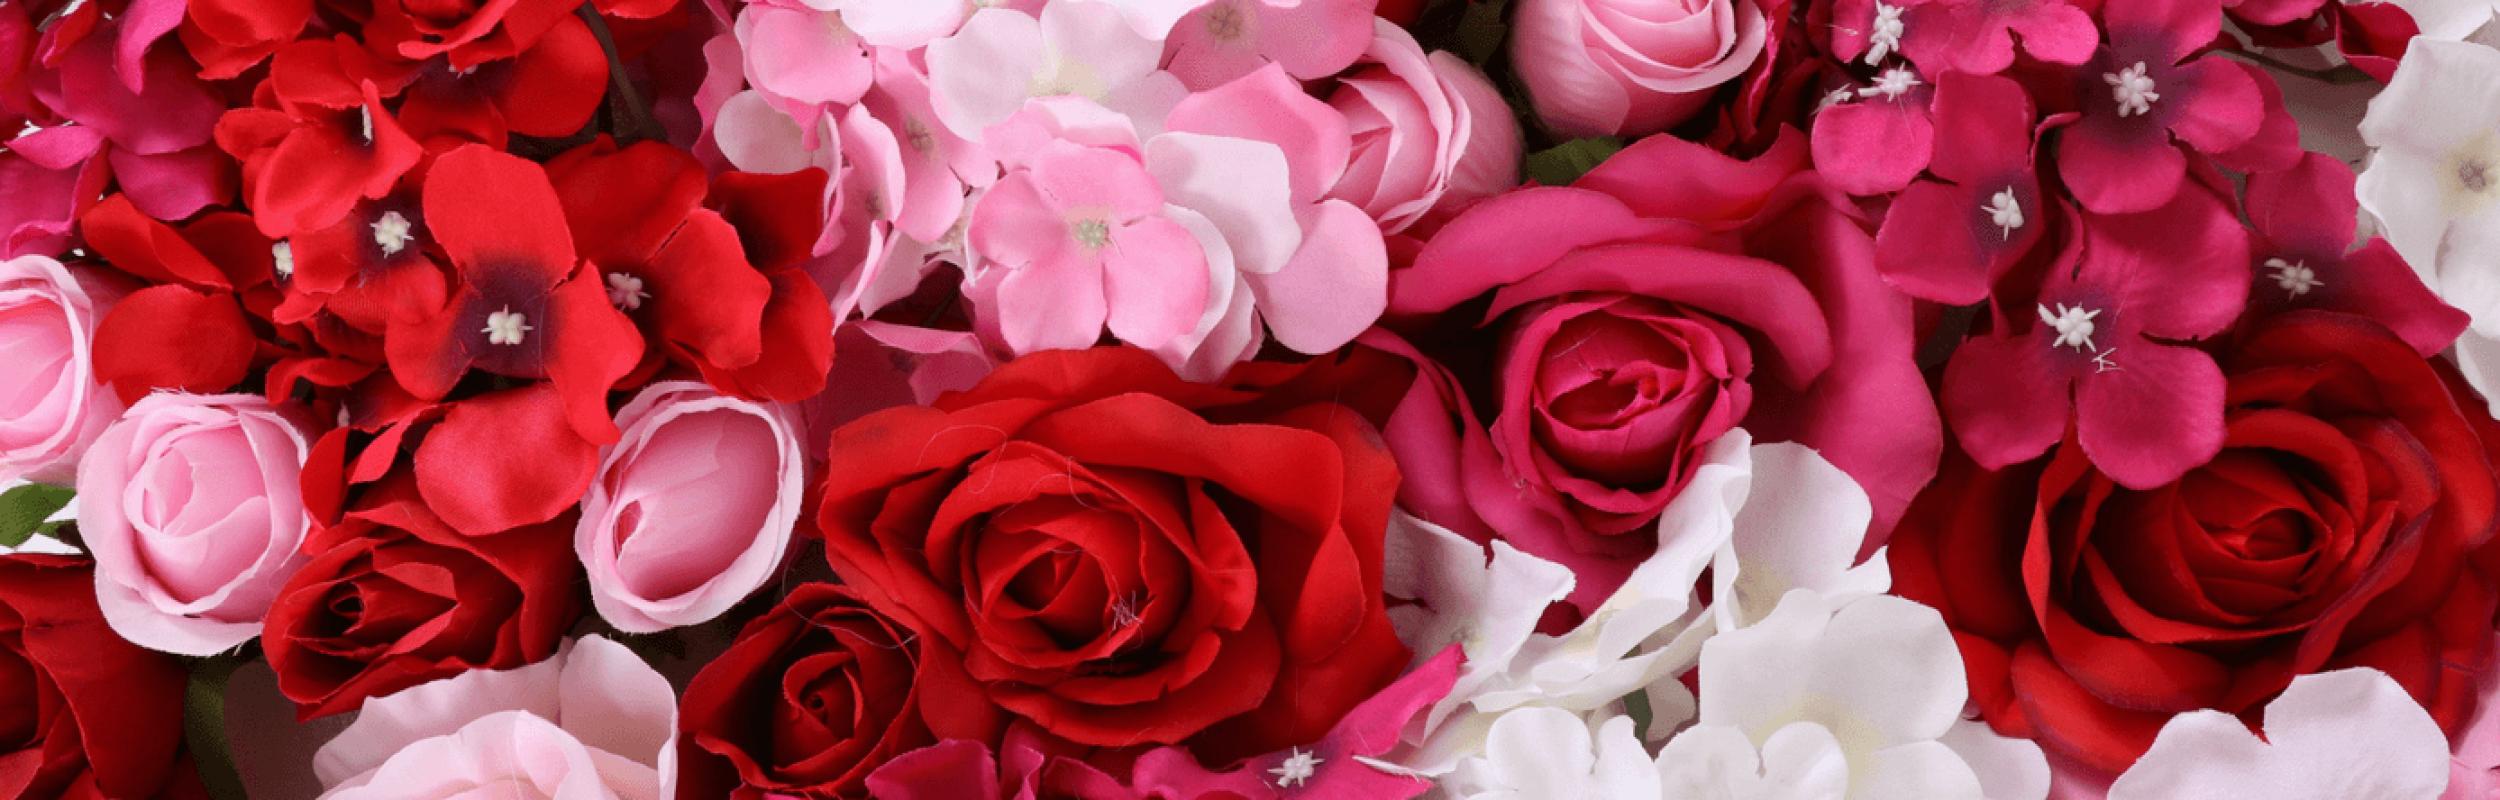 Blumenwand mieten